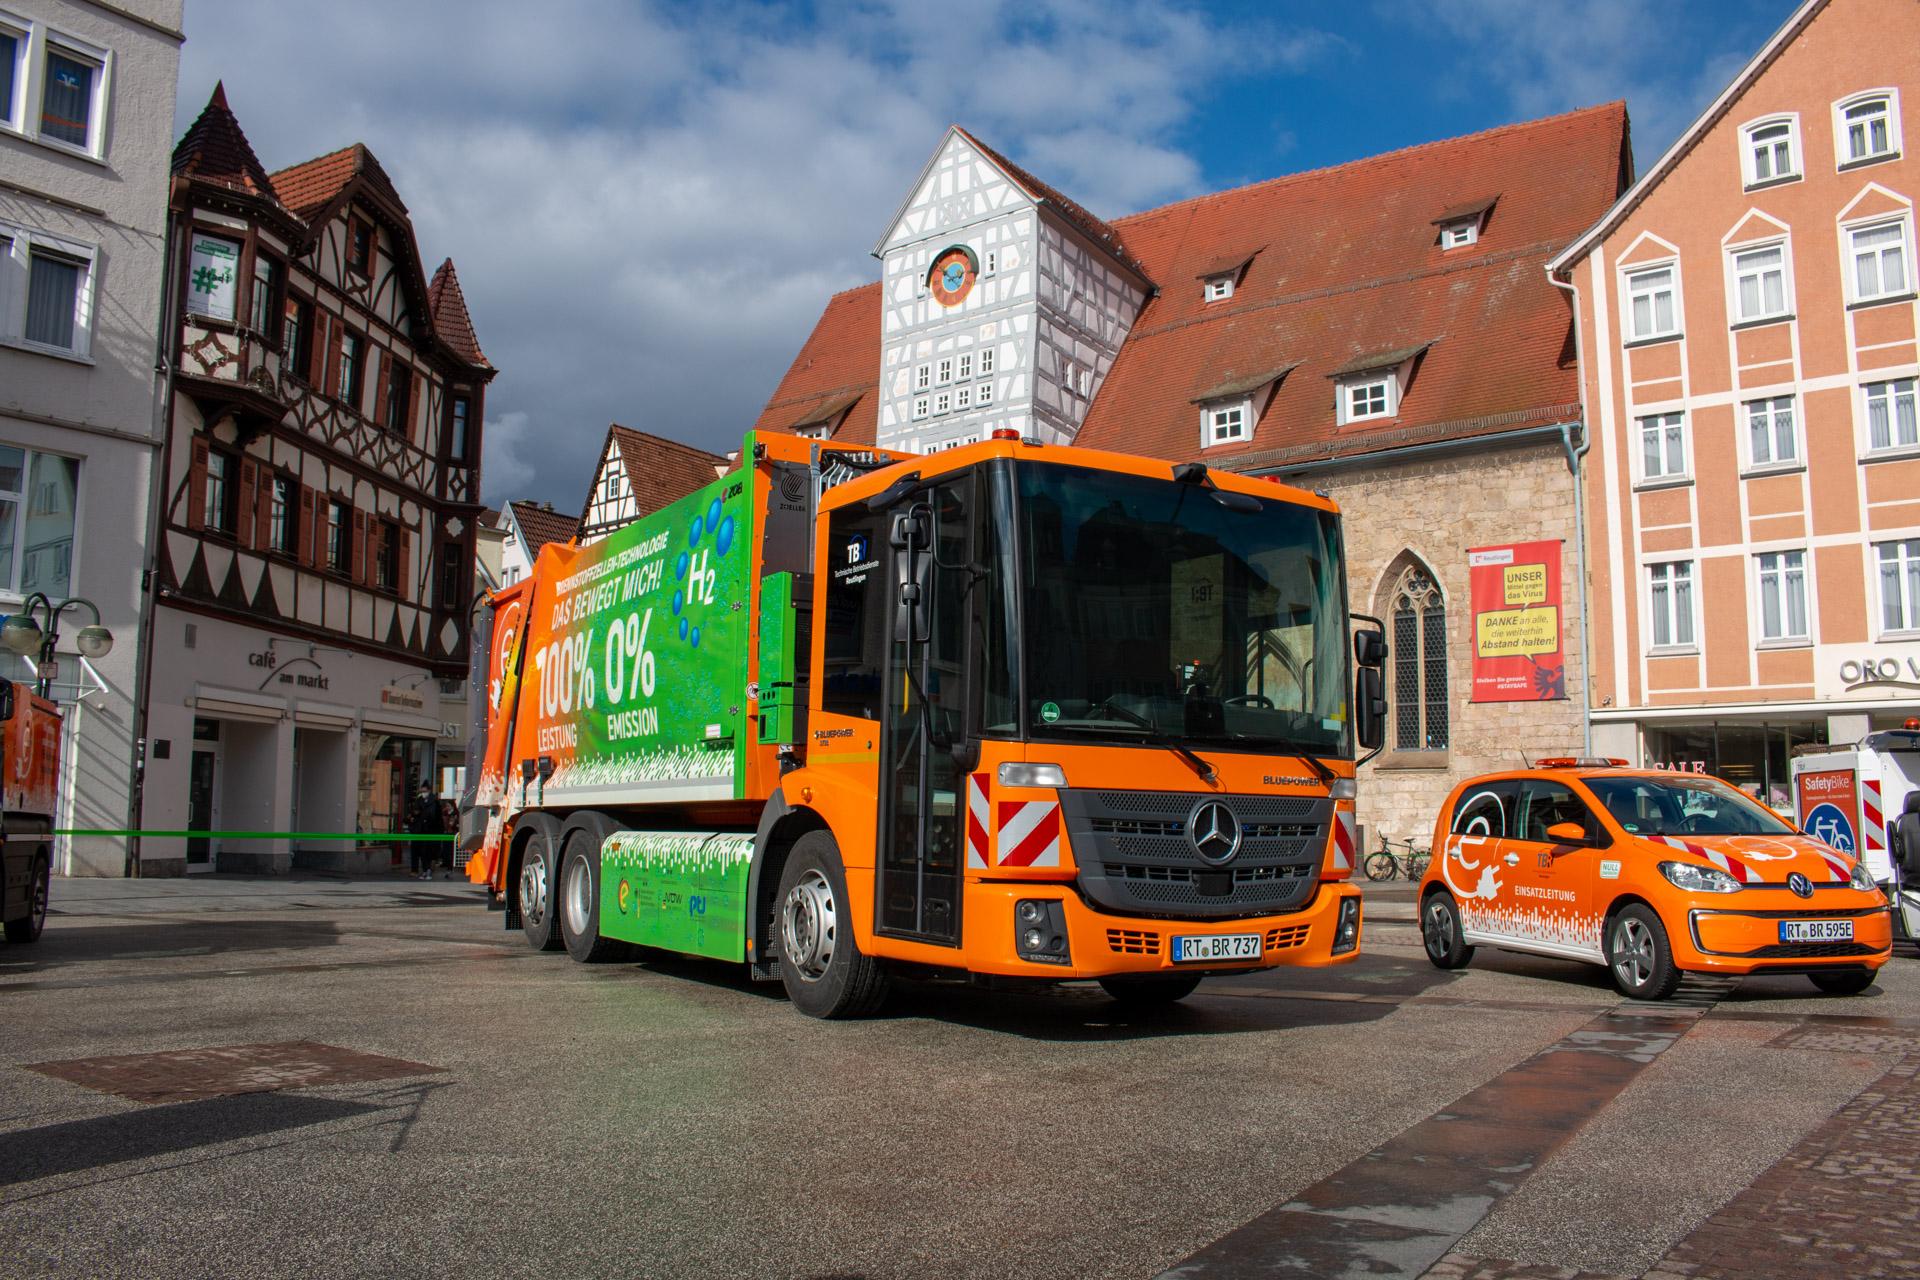 BLUEPOWER CLEAN DRIVE in Reutlingen